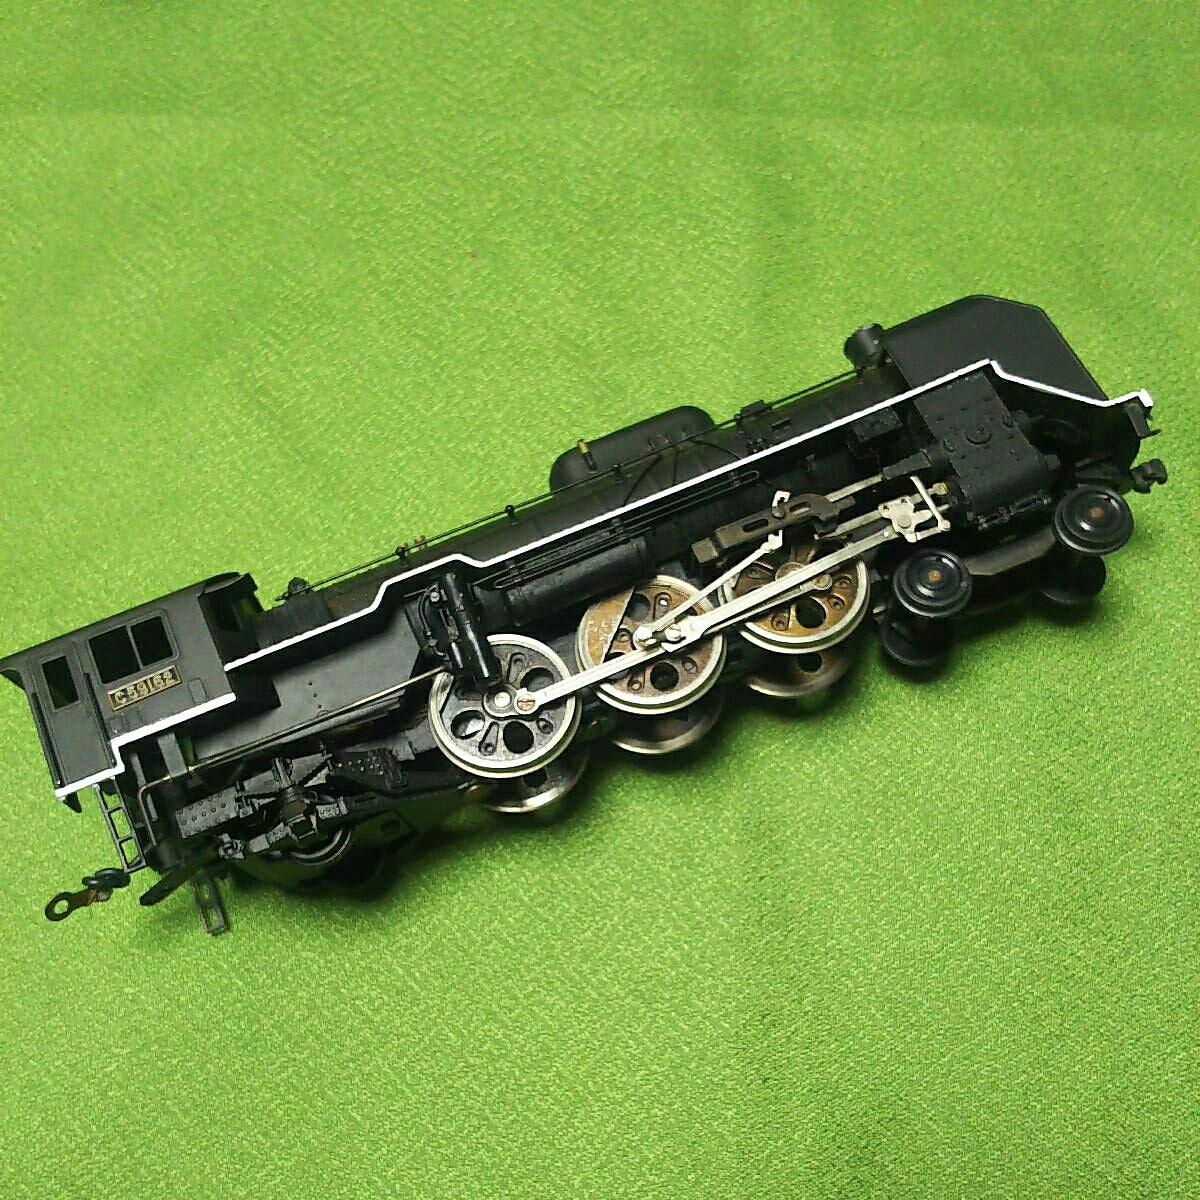 【一円スタート】KTM KATUMI カツミ 形式C59 蒸気機関車 HOゲージ 鉄道模型 ジャンク_画像7